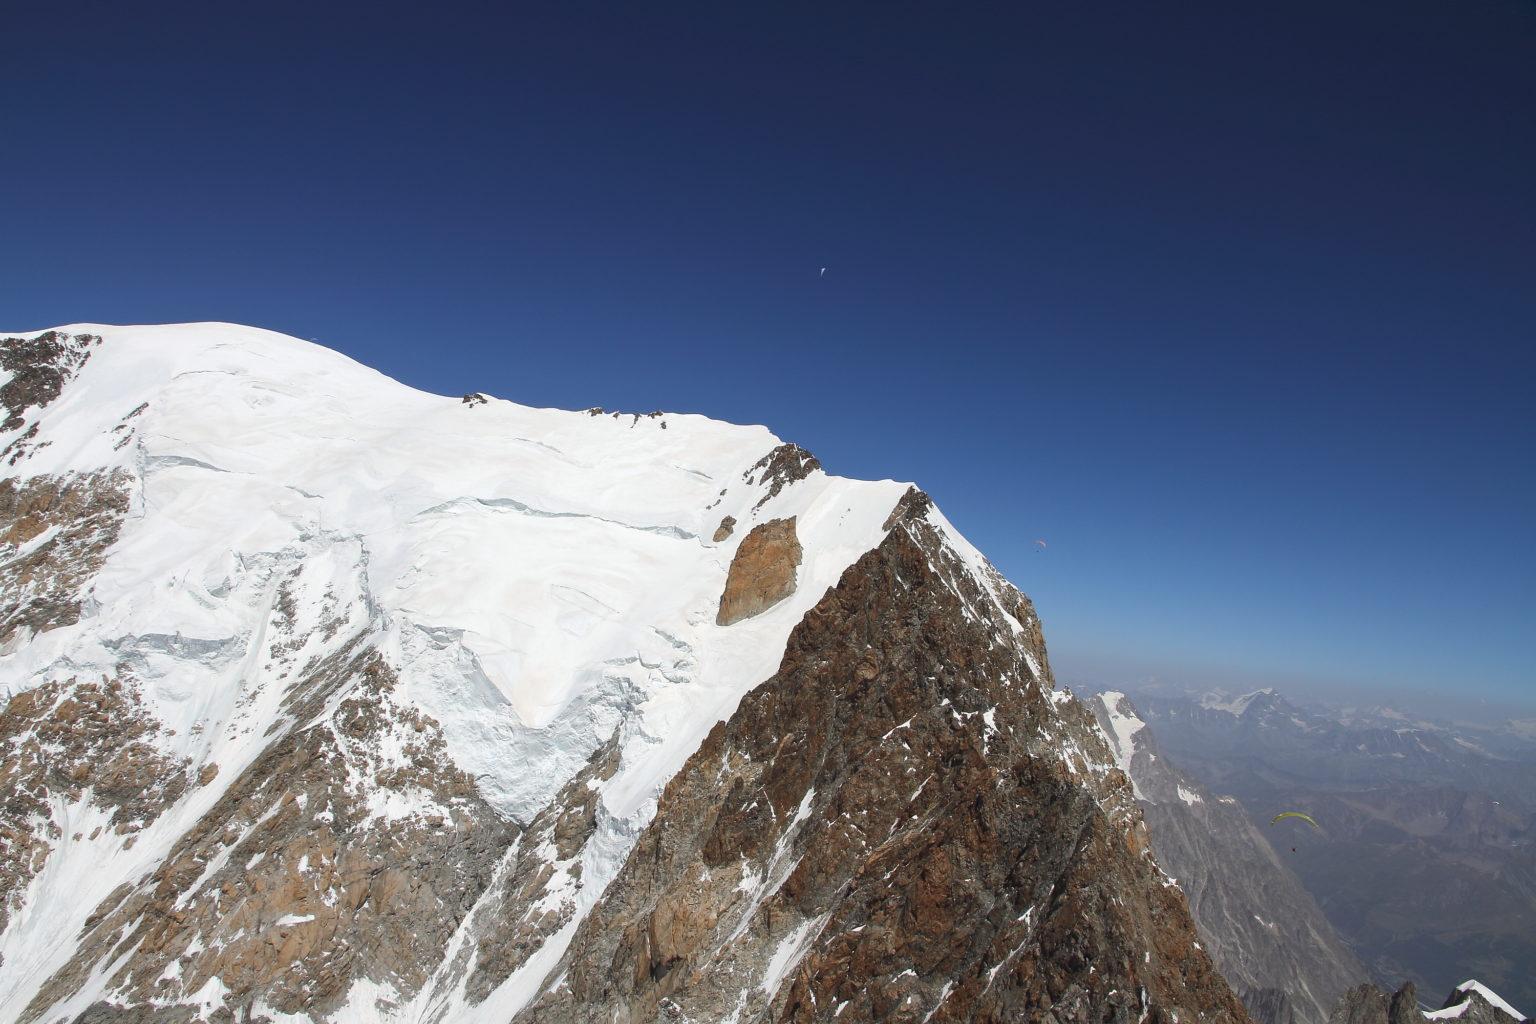 4400m au-dessus de Bionnassay, on bascule versant Italien